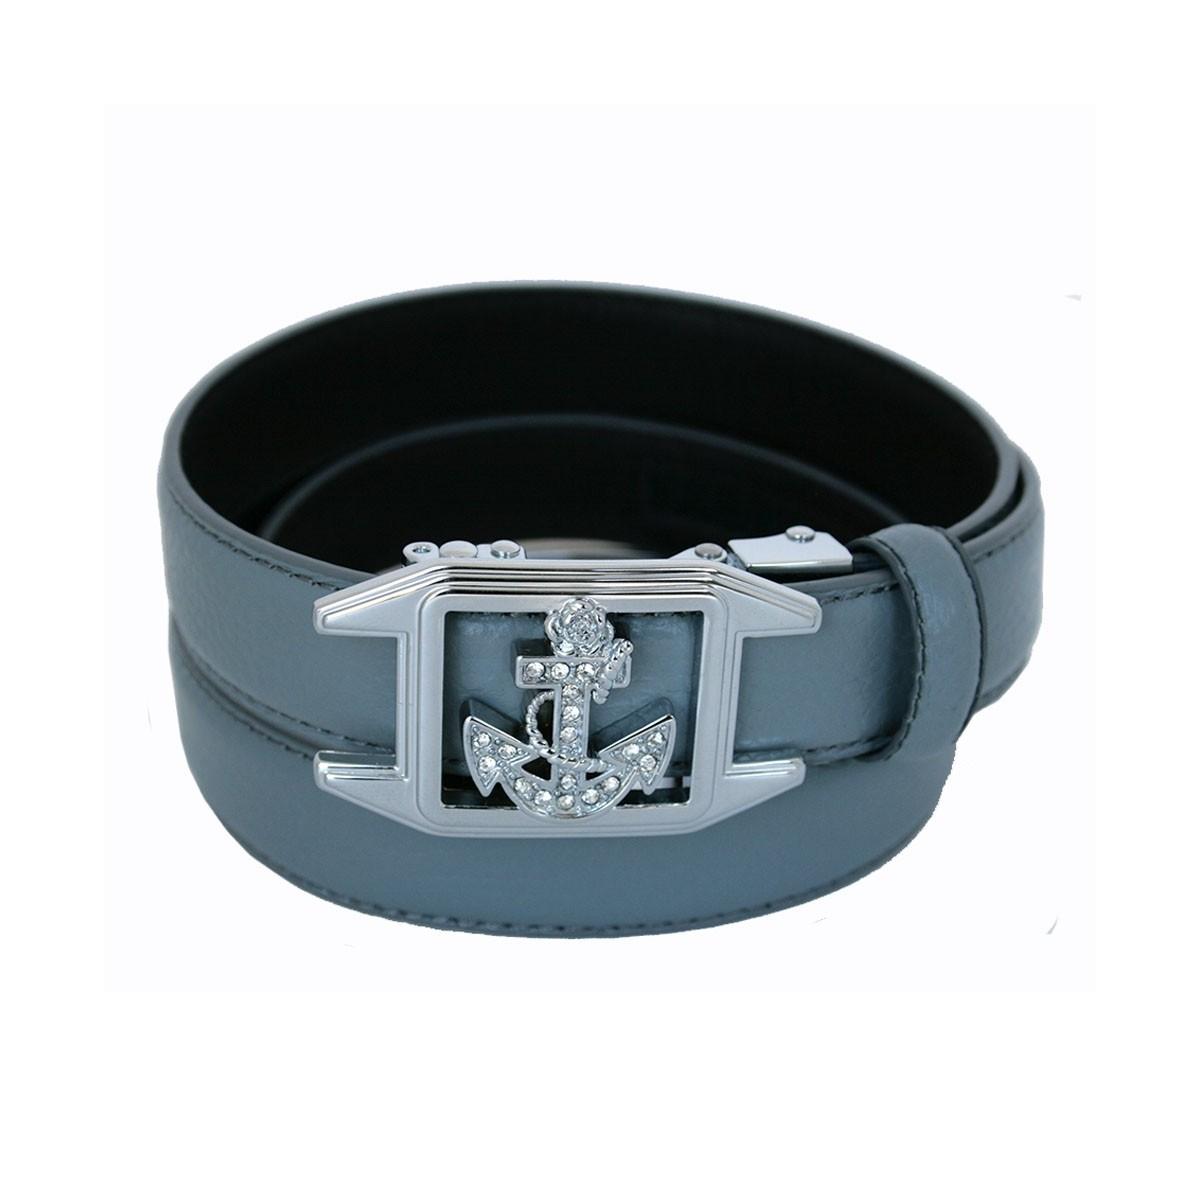 ceinture femme en cuir pleine fleur grise avec boucle automatique